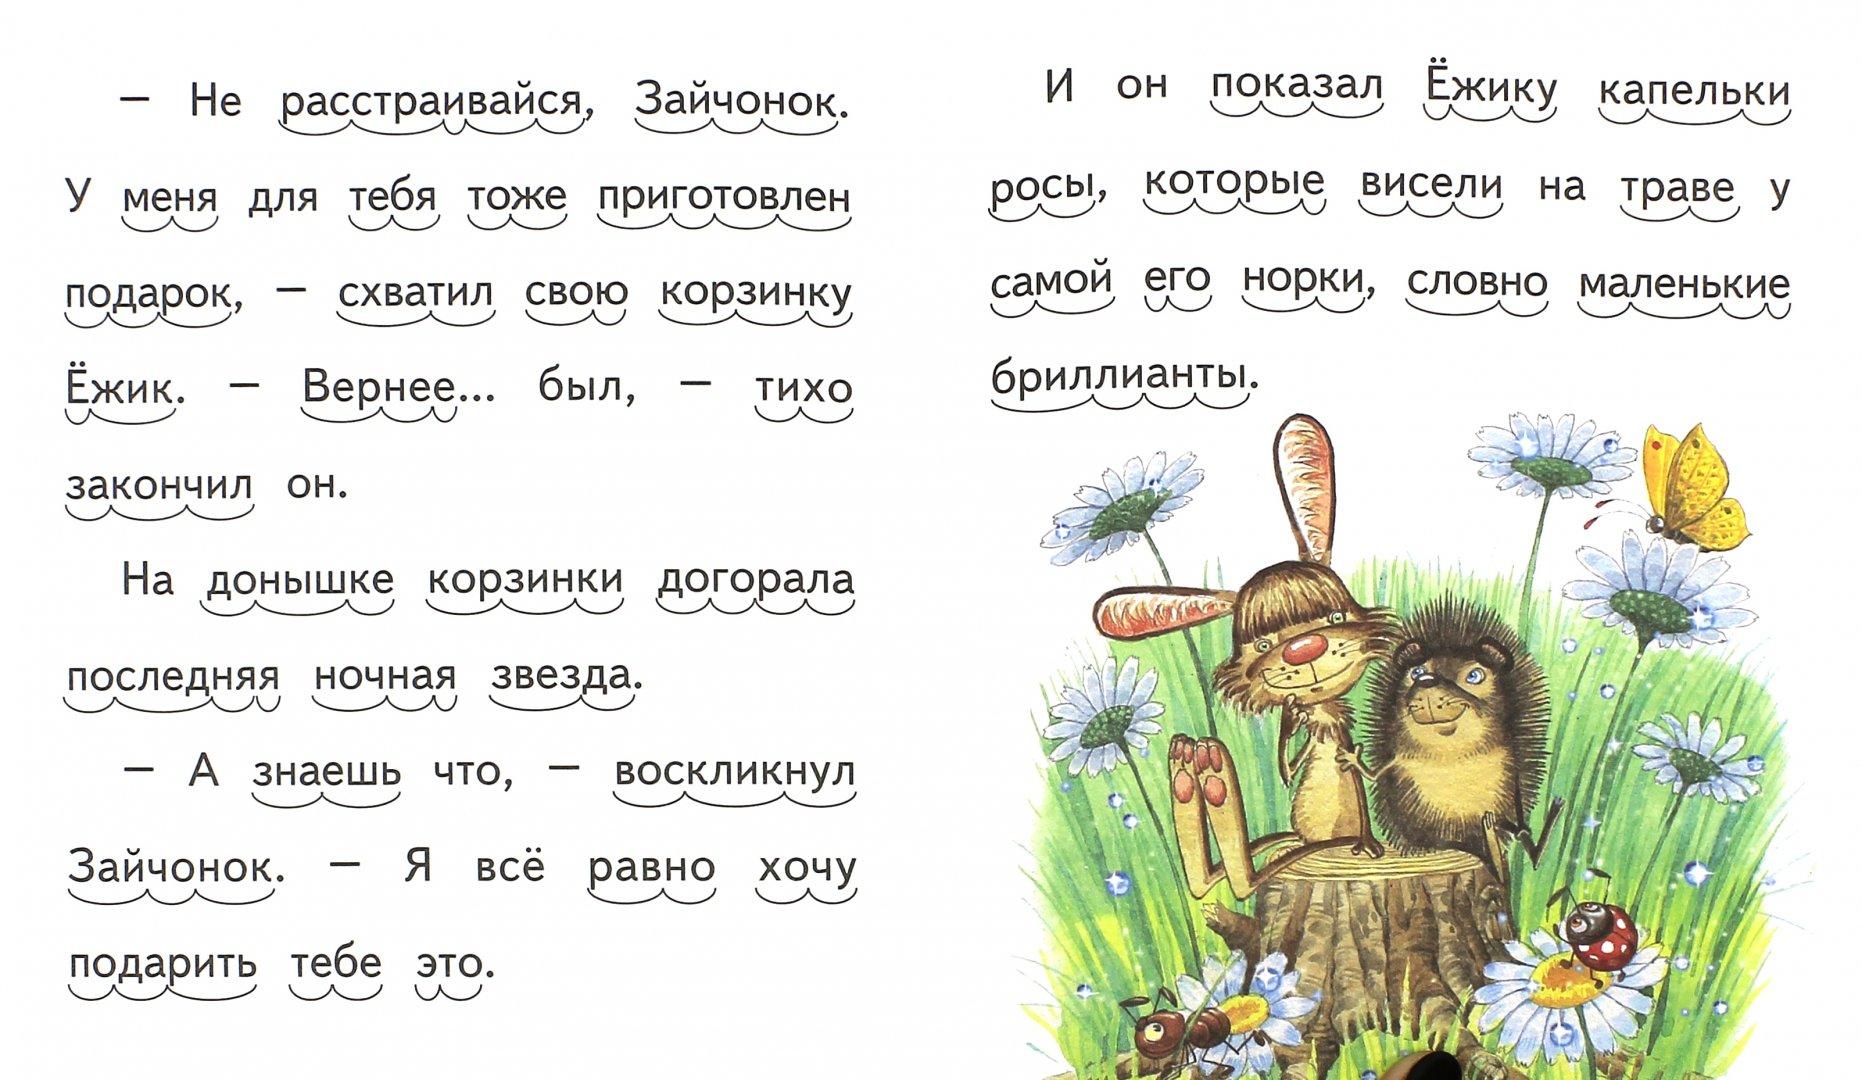 Иллюстрация 1 из 18 для Подарок для друга - Елена Ермолова   Лабиринт - книги. Источник: Лабиринт